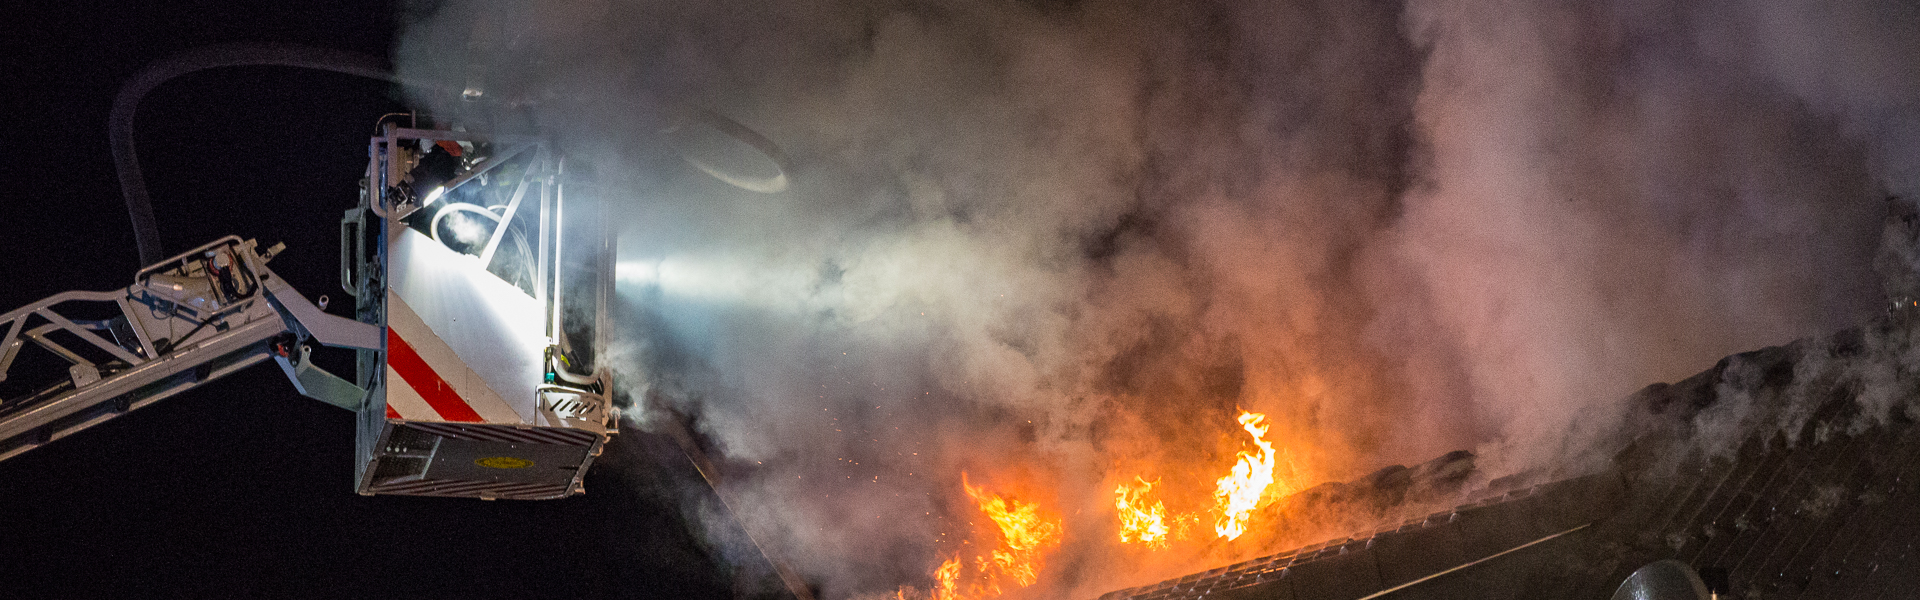 02.06.2018 – Dachstuhlbrand zerstört Zweifamilienhaus in Langenhorn